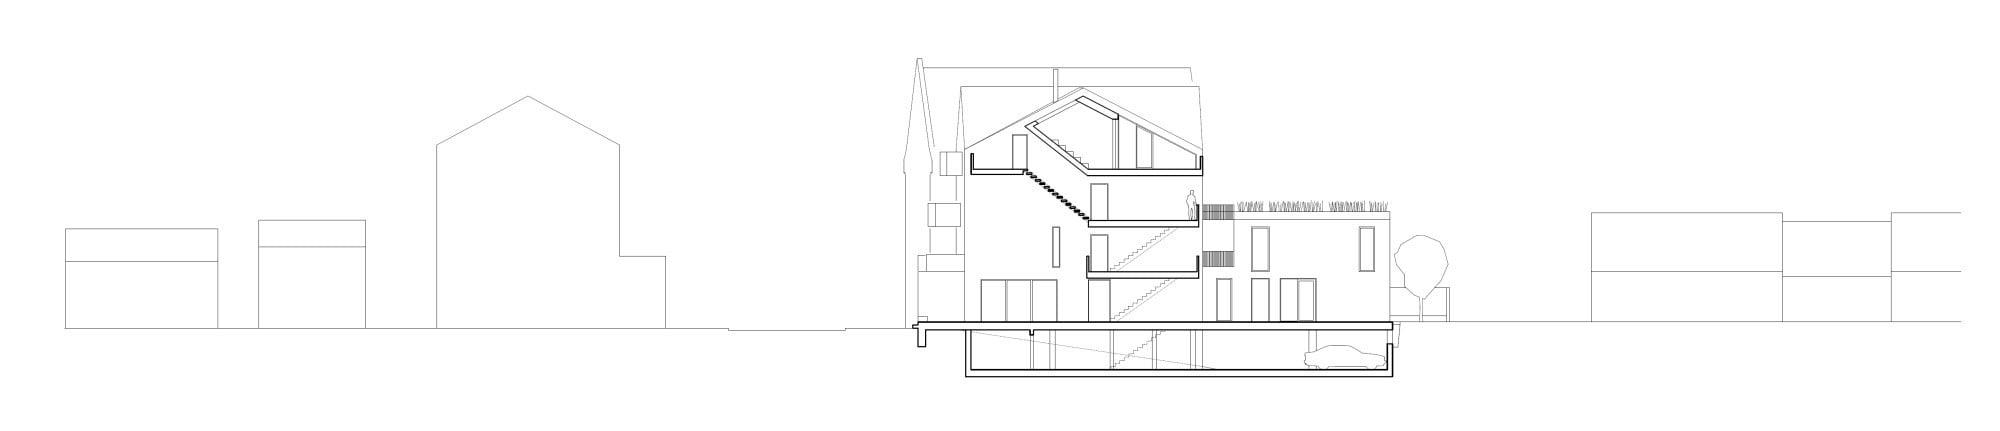 Haus Duett in Warnemünde | Heizung | Wohnen | Baunetz_Wissen